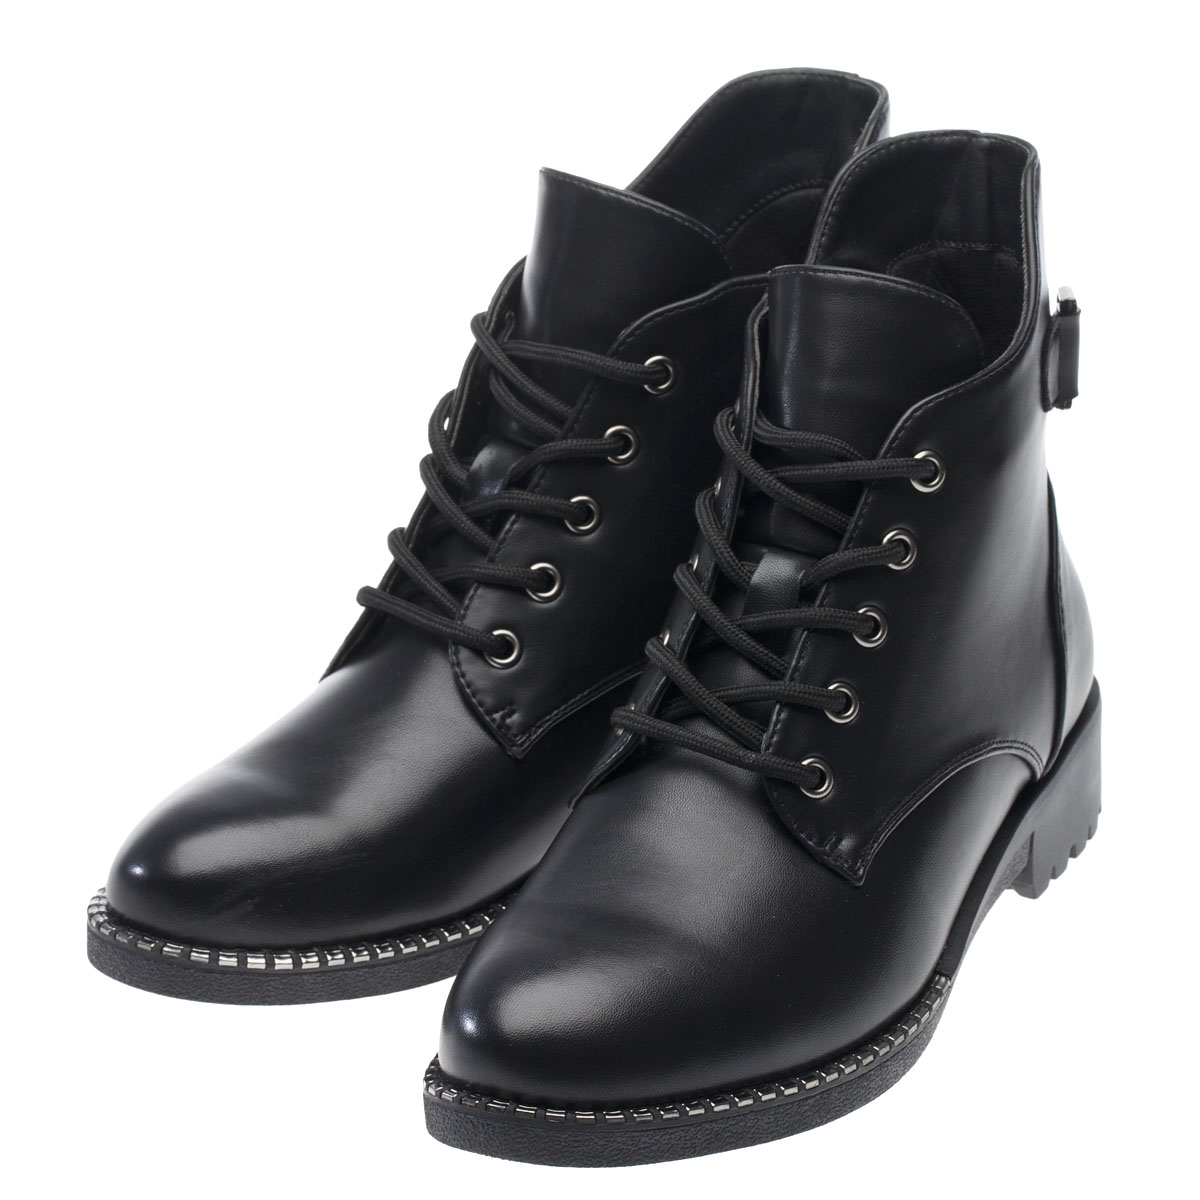 Ботинки демисезонные FERTO, D17-6007 демисезонные ботинки dior 2015 d995902